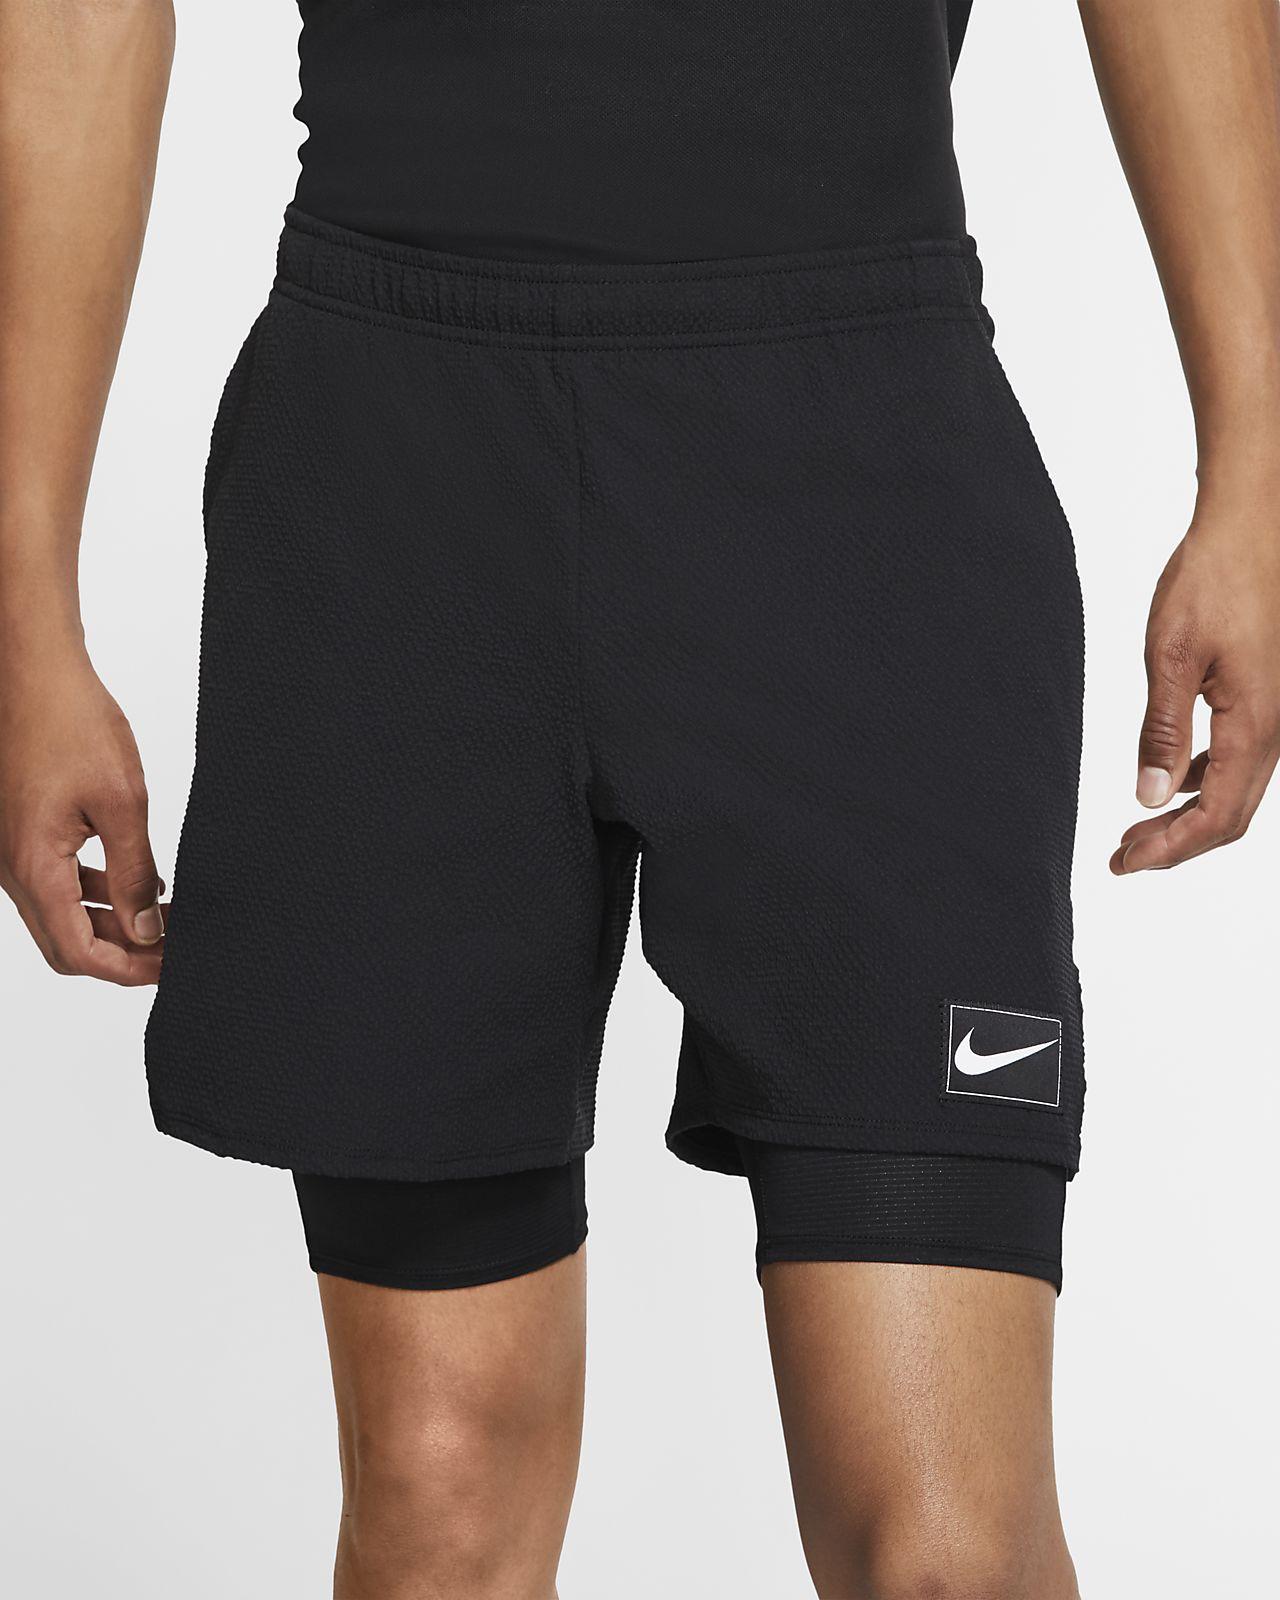 NikeCourt Ace Herren-Tennisshorts